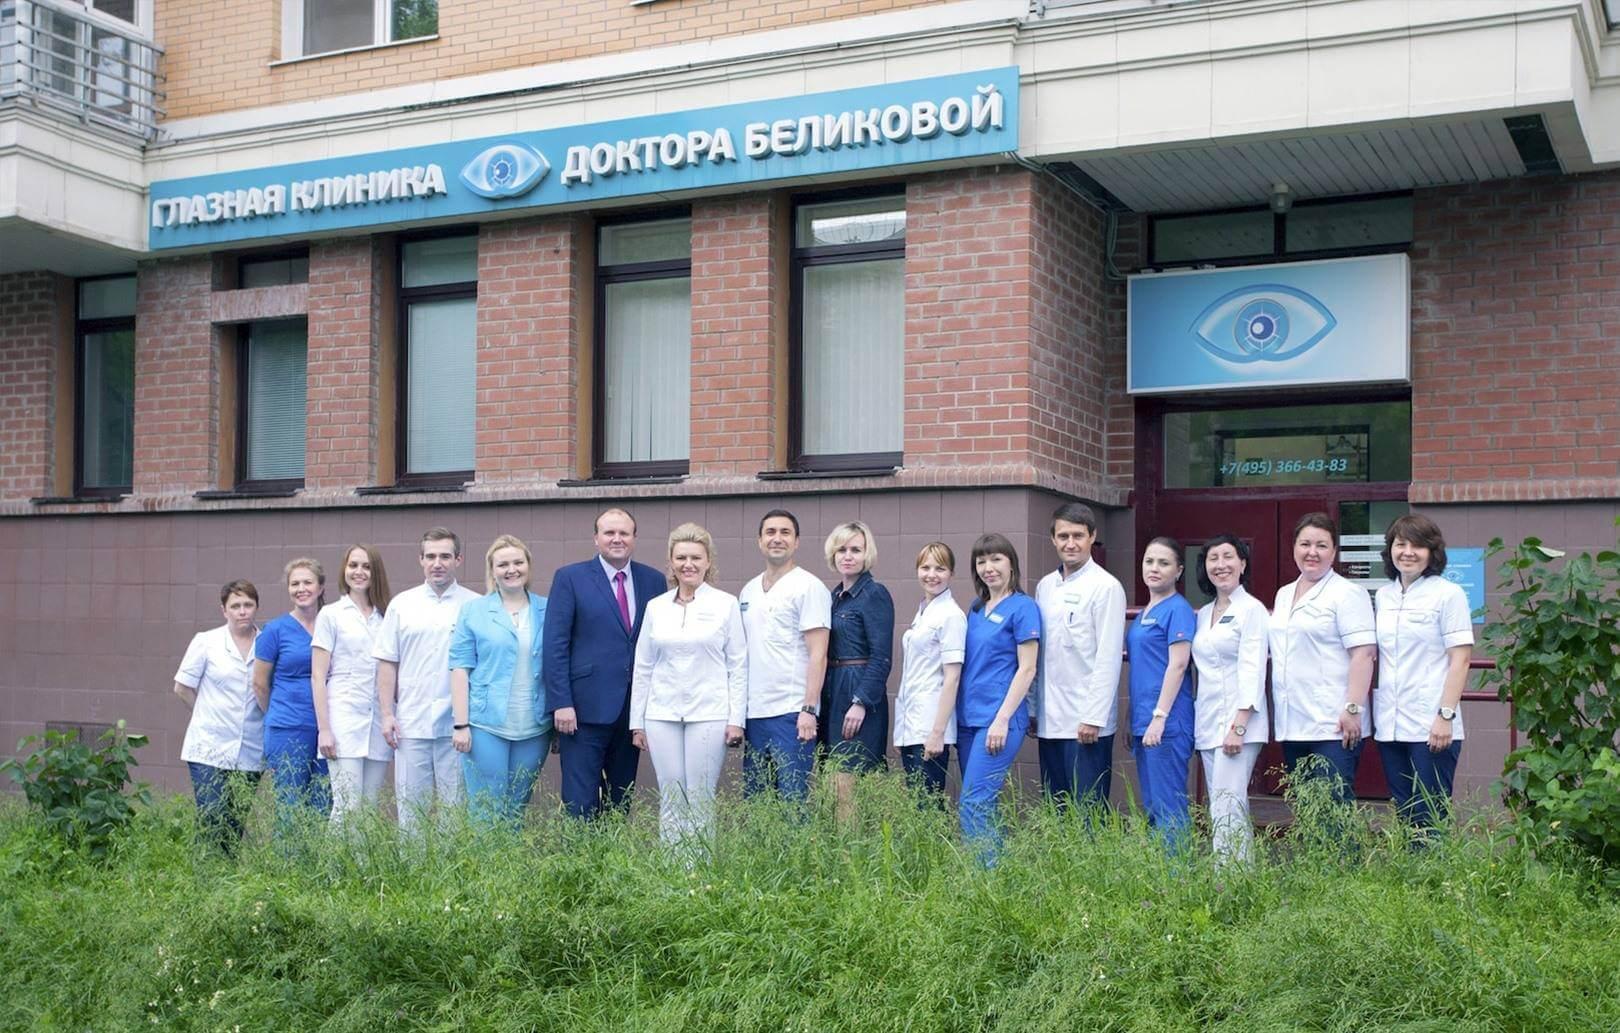 Номер областной детской поликлиники города липецк